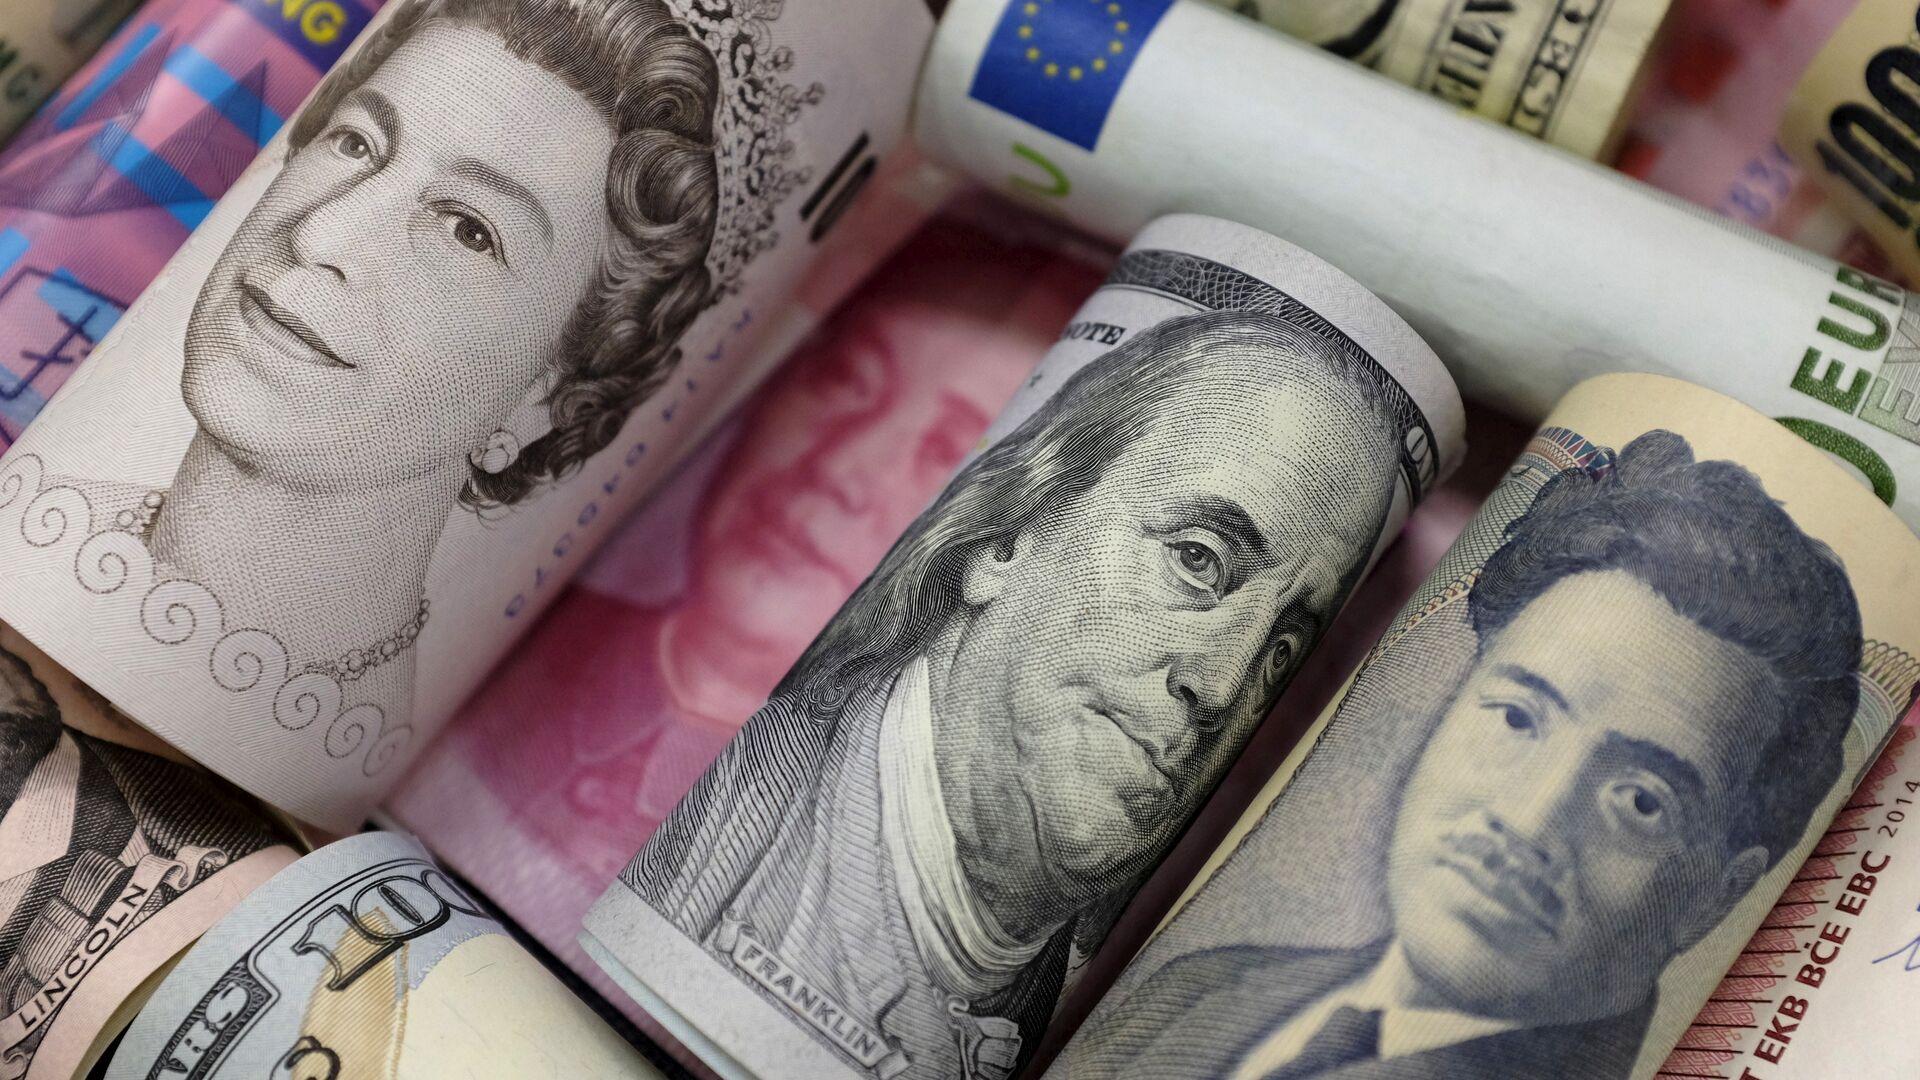 Billetes de euros, dólares hongkones y estadounidenses, libras y yuanes - Sputnik Mundo, 1920, 26.06.2021